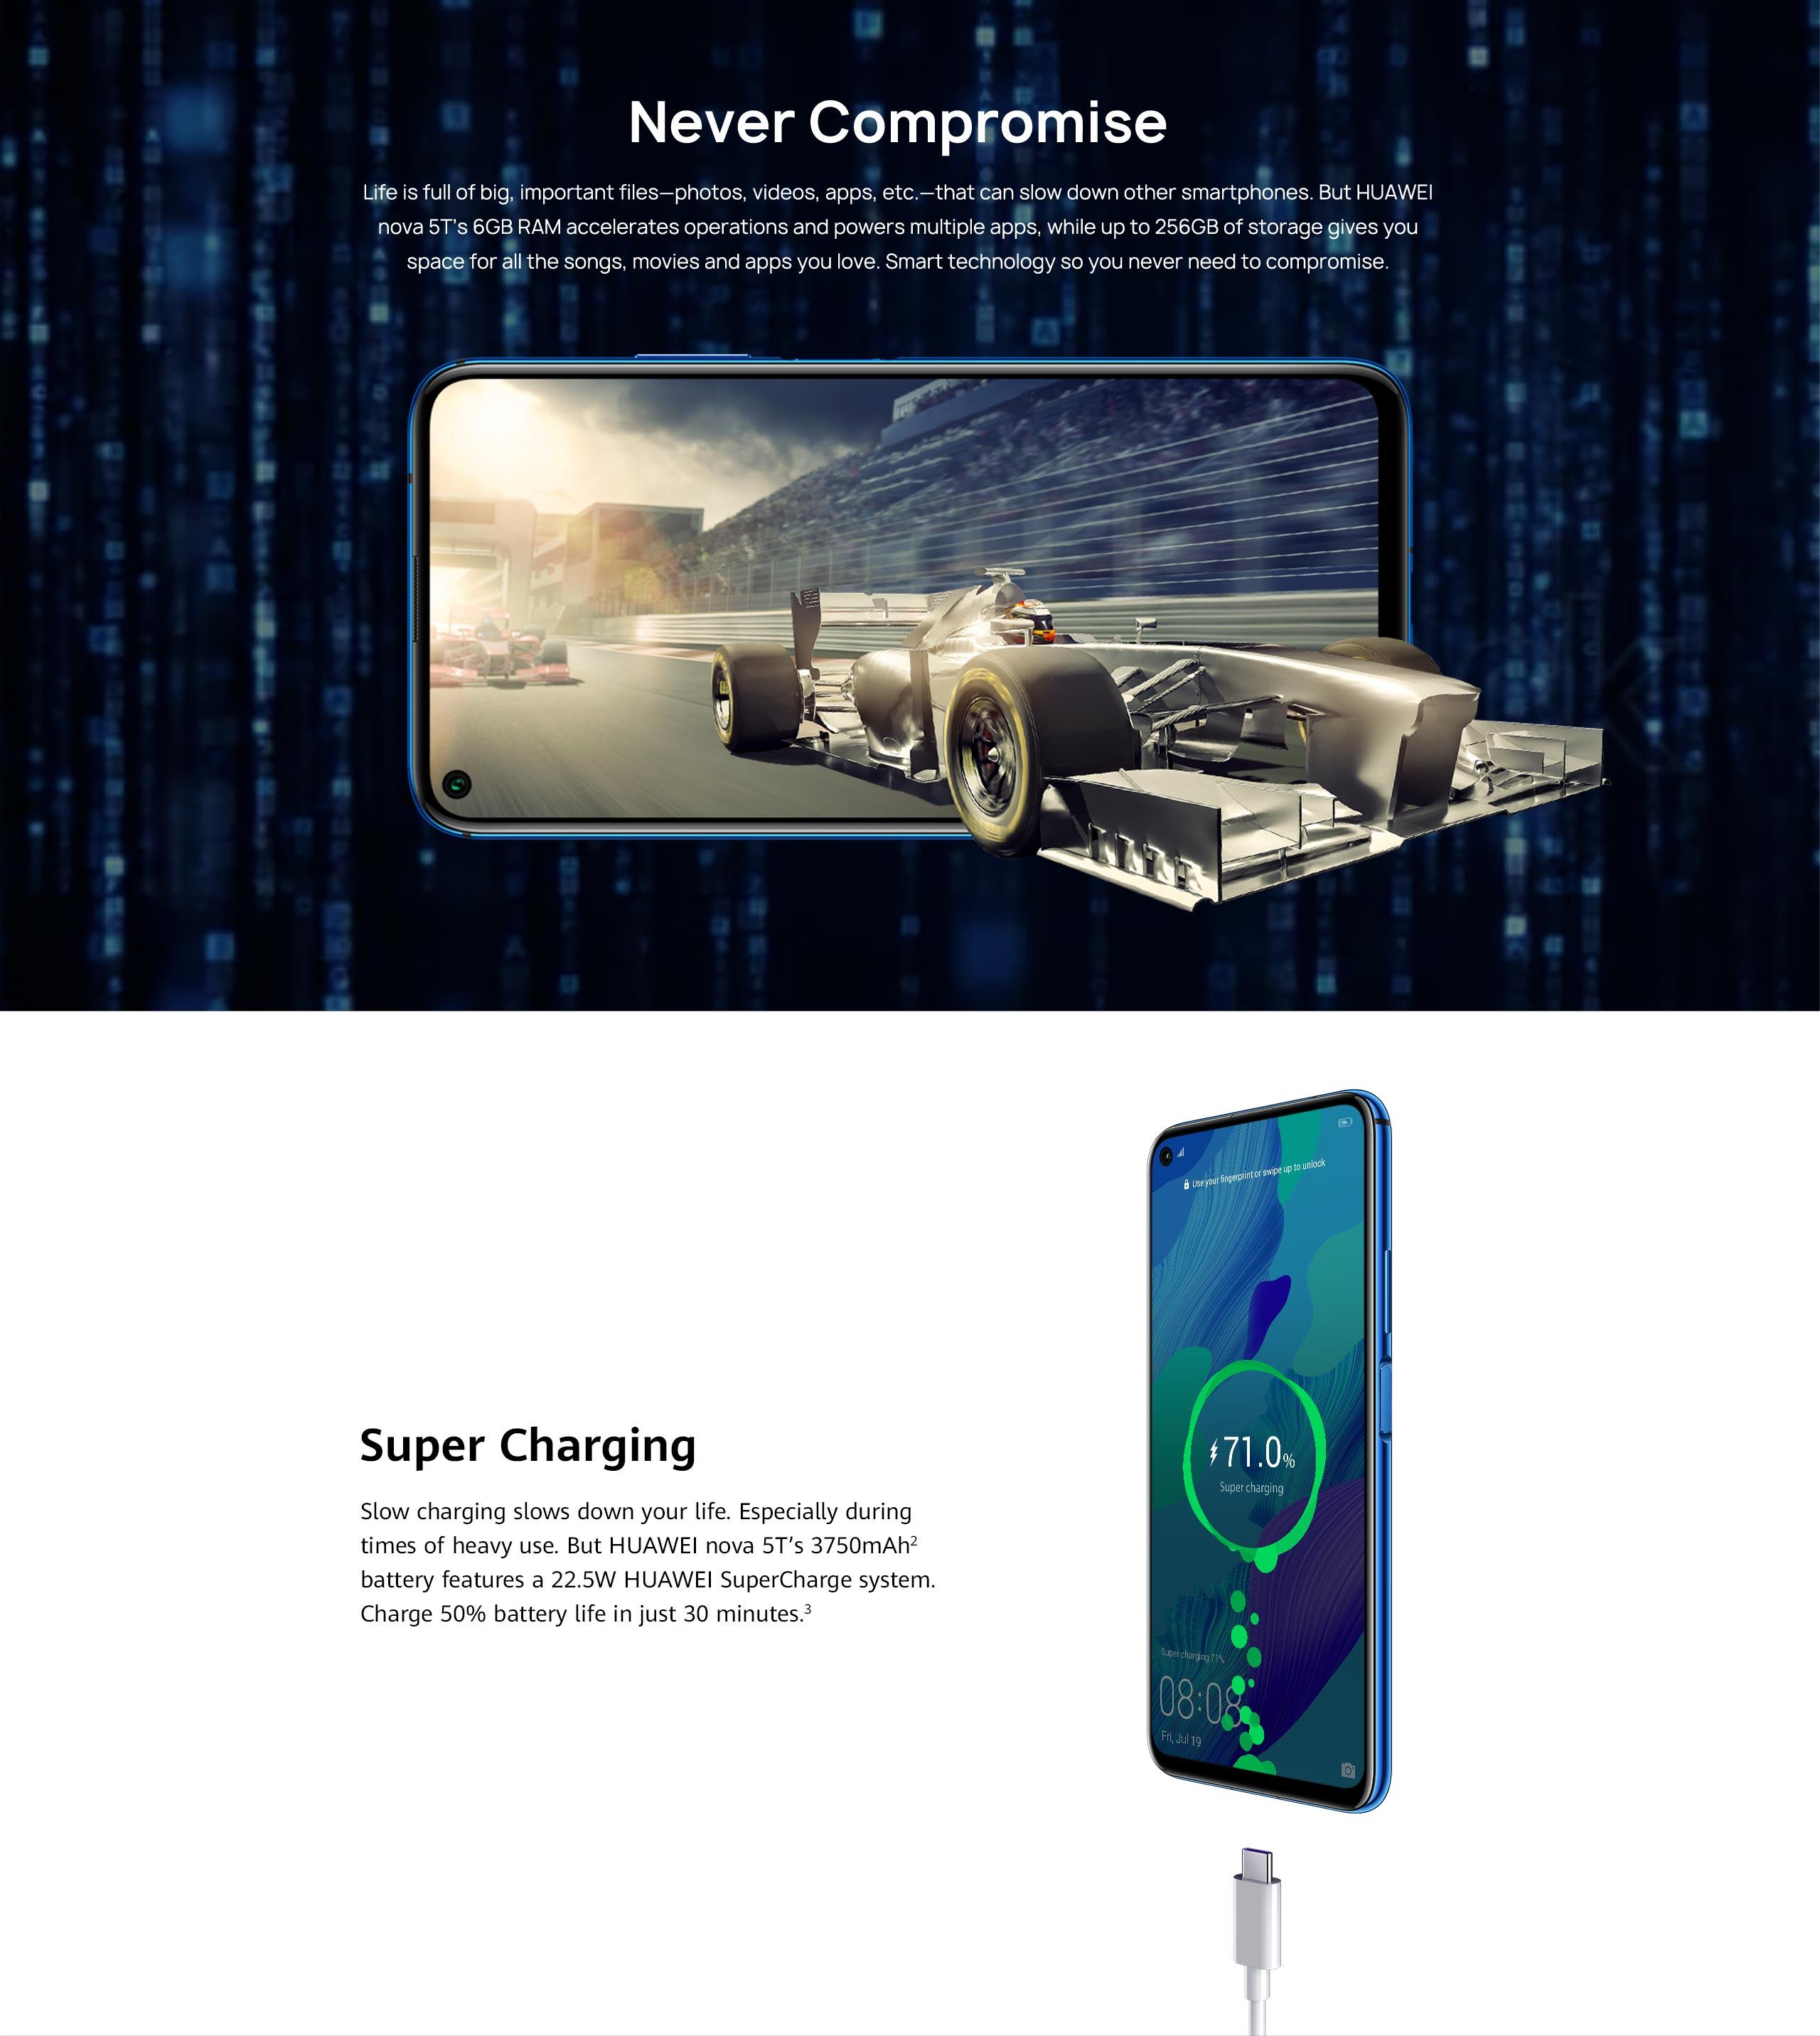 Huawei-Nova-5t!